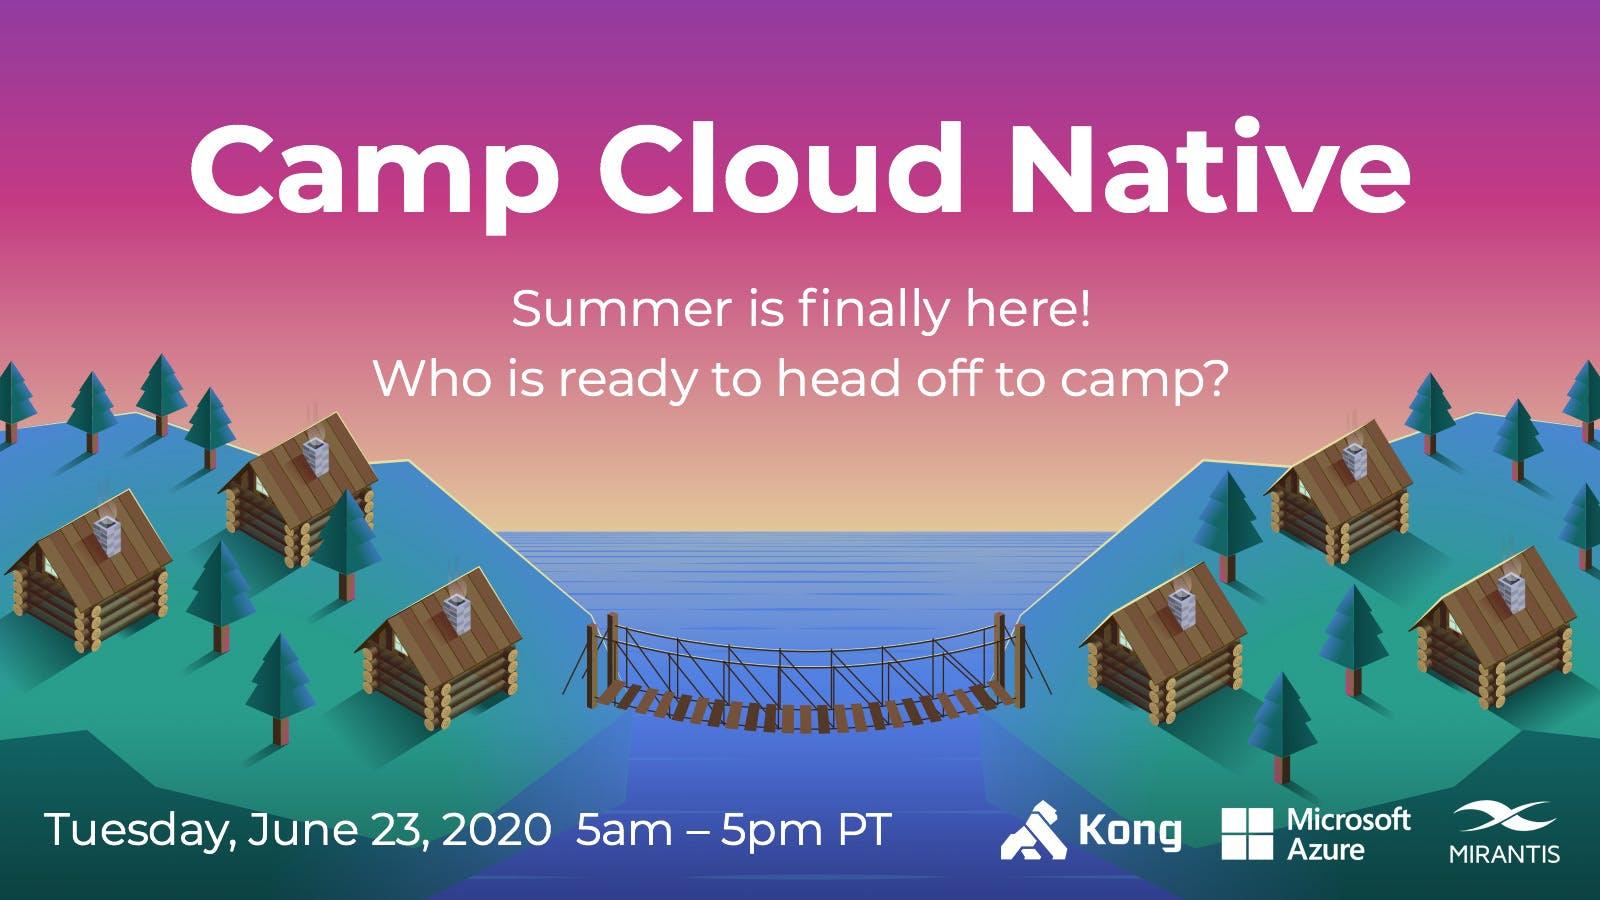 Camp Cloud Native